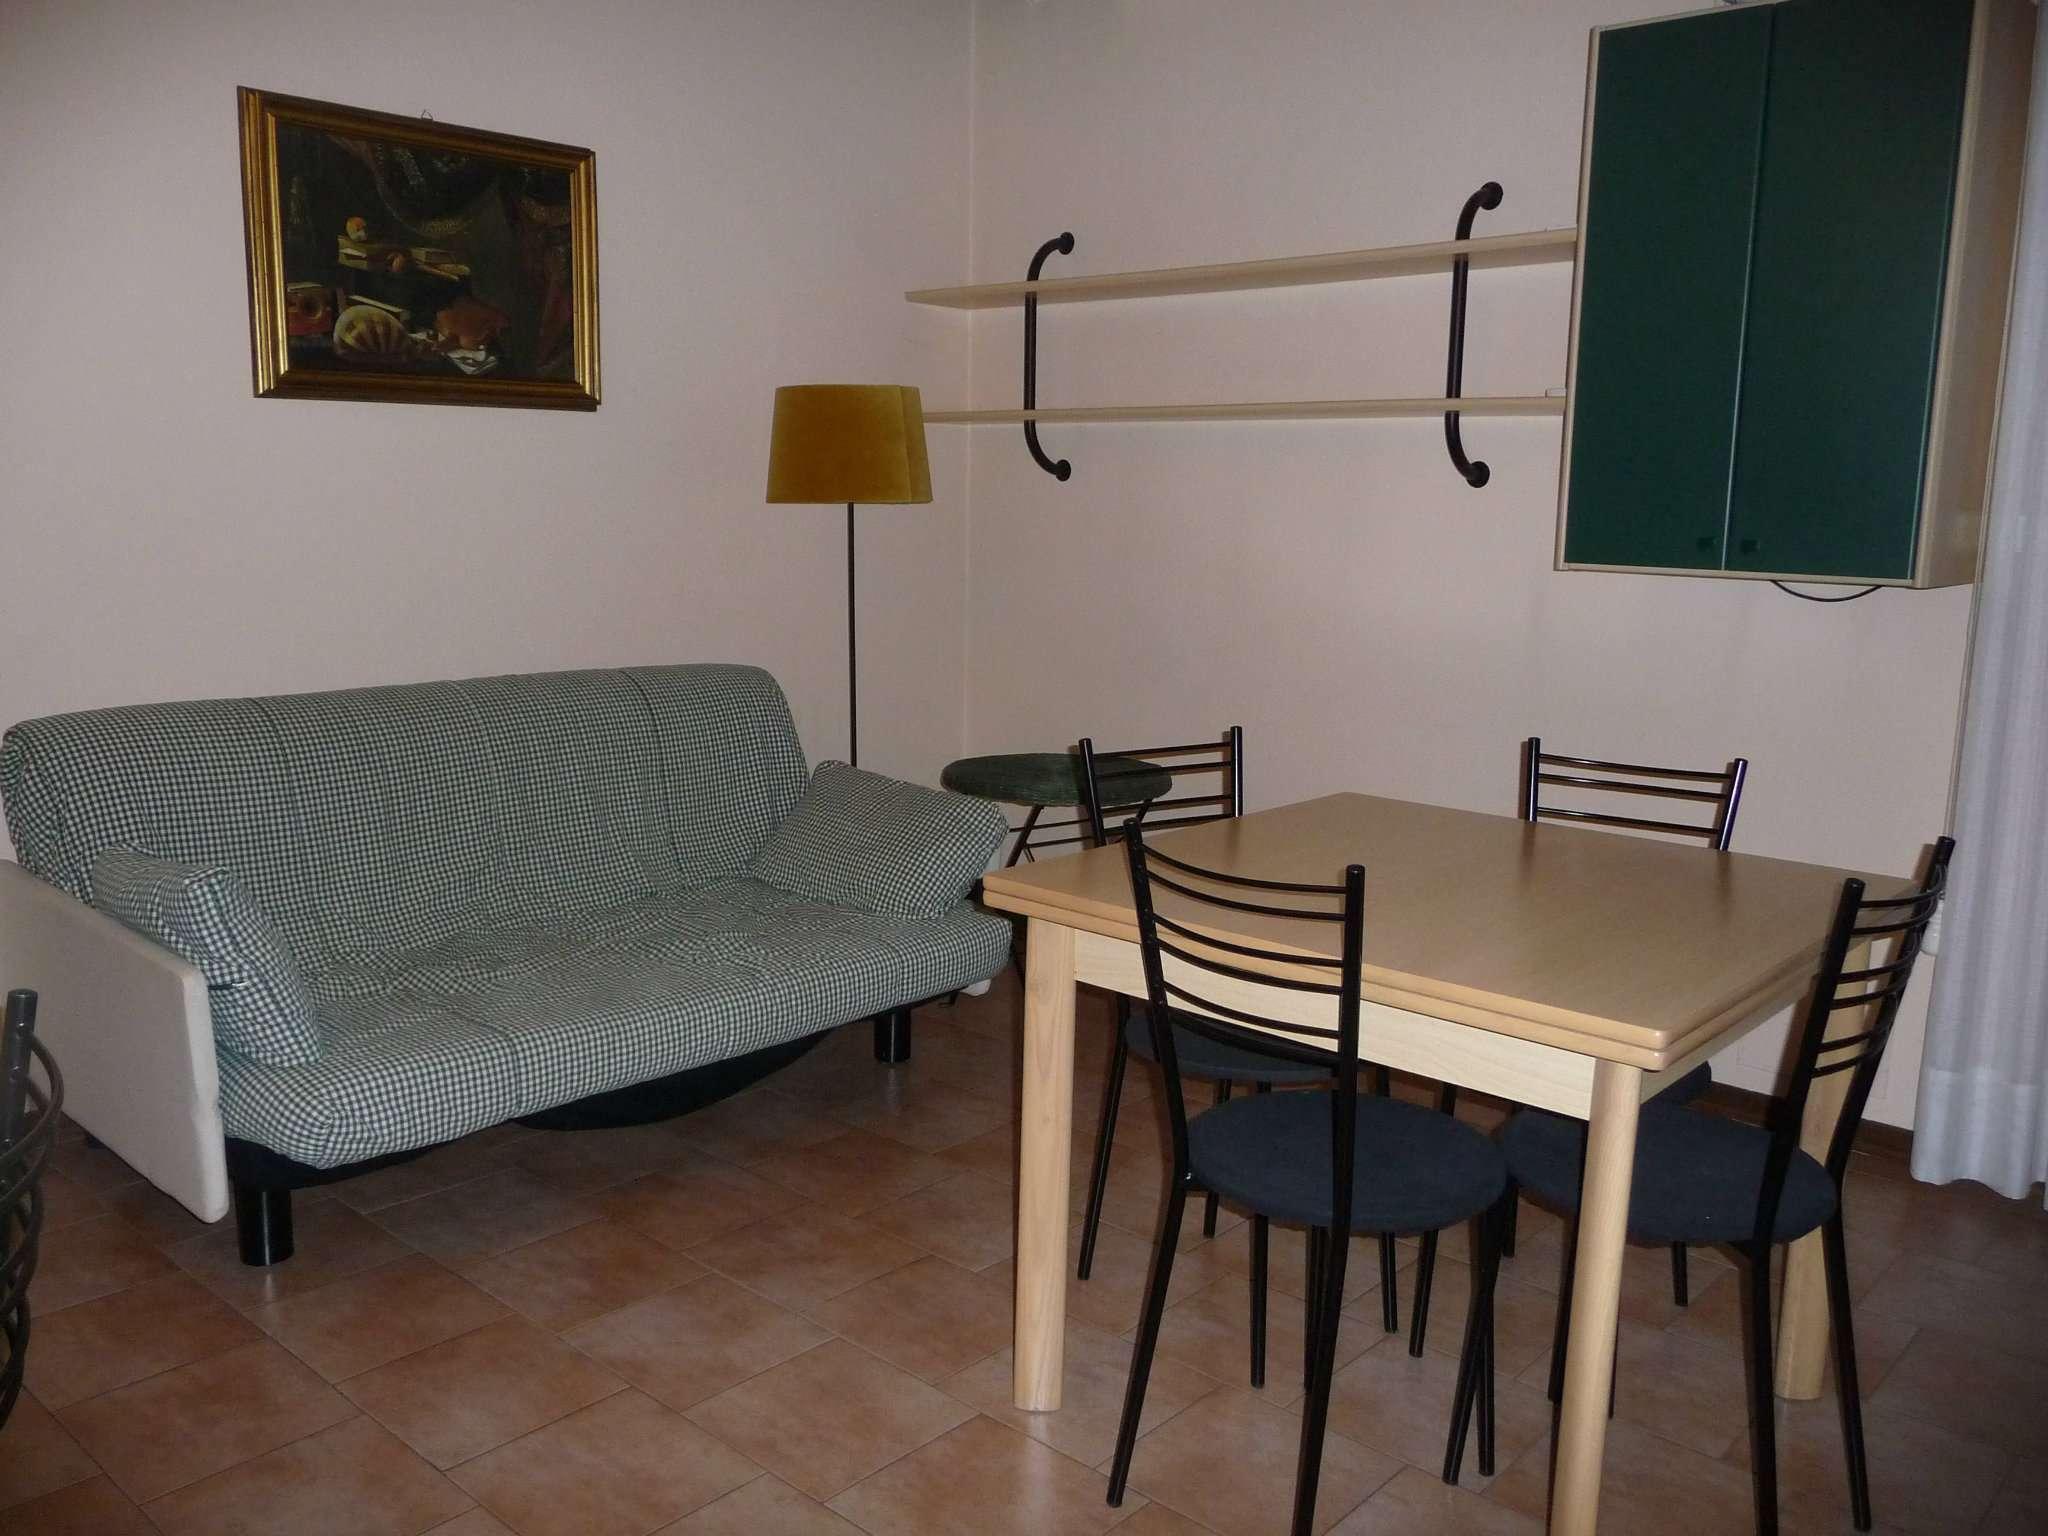 Appartamento in affitto a Modena, 3 locali, prezzo € 520 | CambioCasa.it